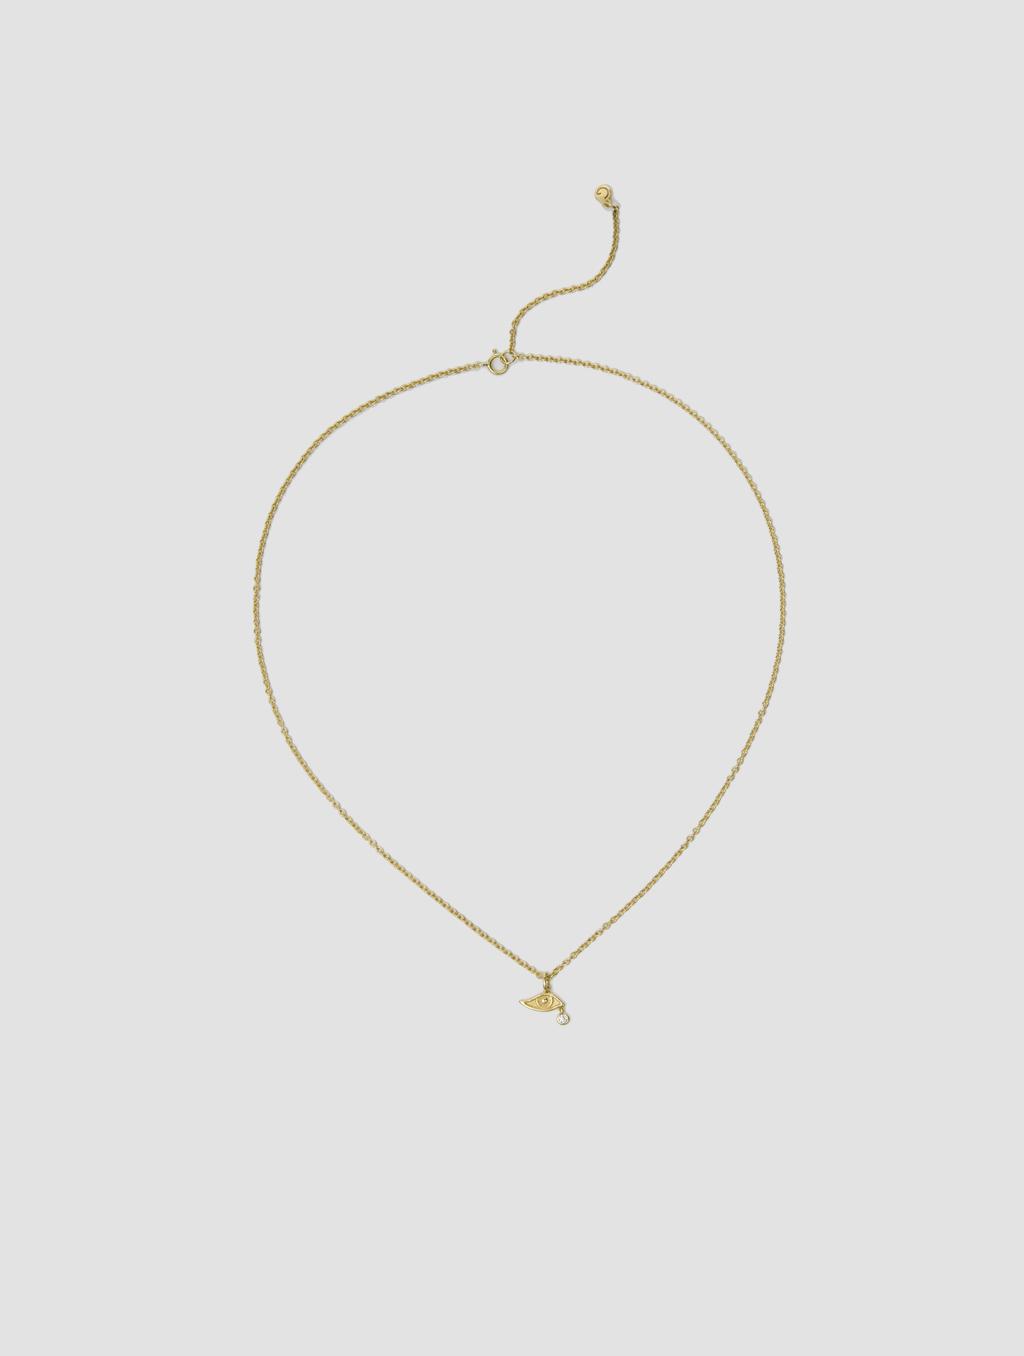 Diamond Devil's Eye Necklace4